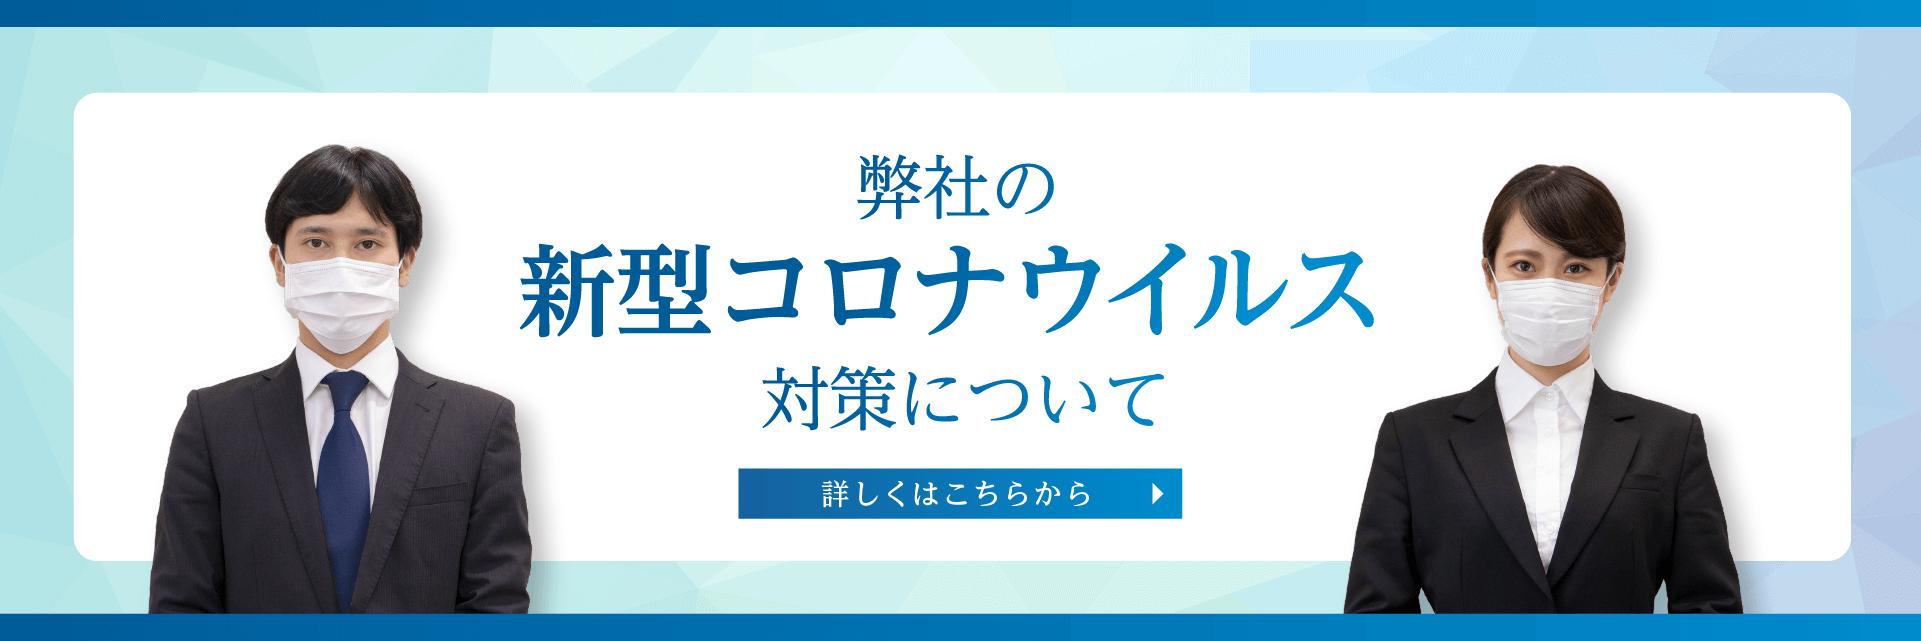 埼玉 ホンダ カーズ